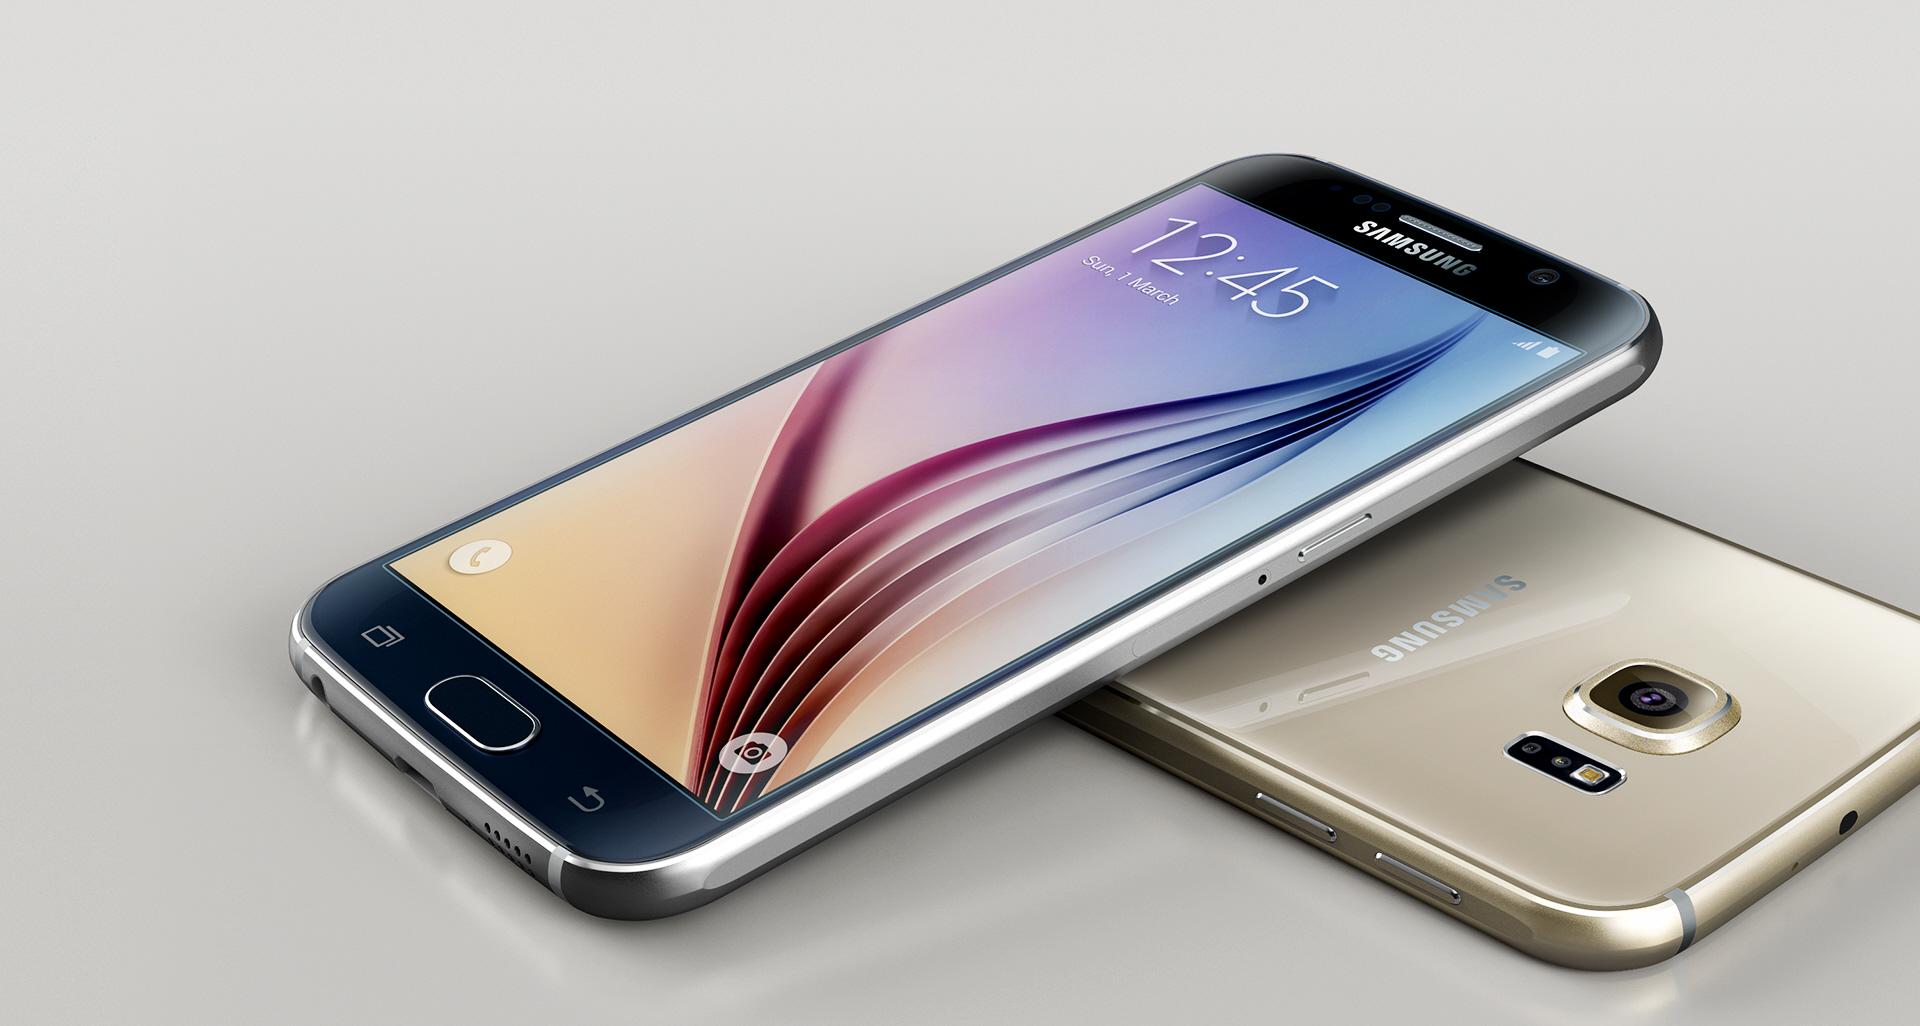 Samsung Galaxy S6: non è sicuro, Google lancia l'allarme